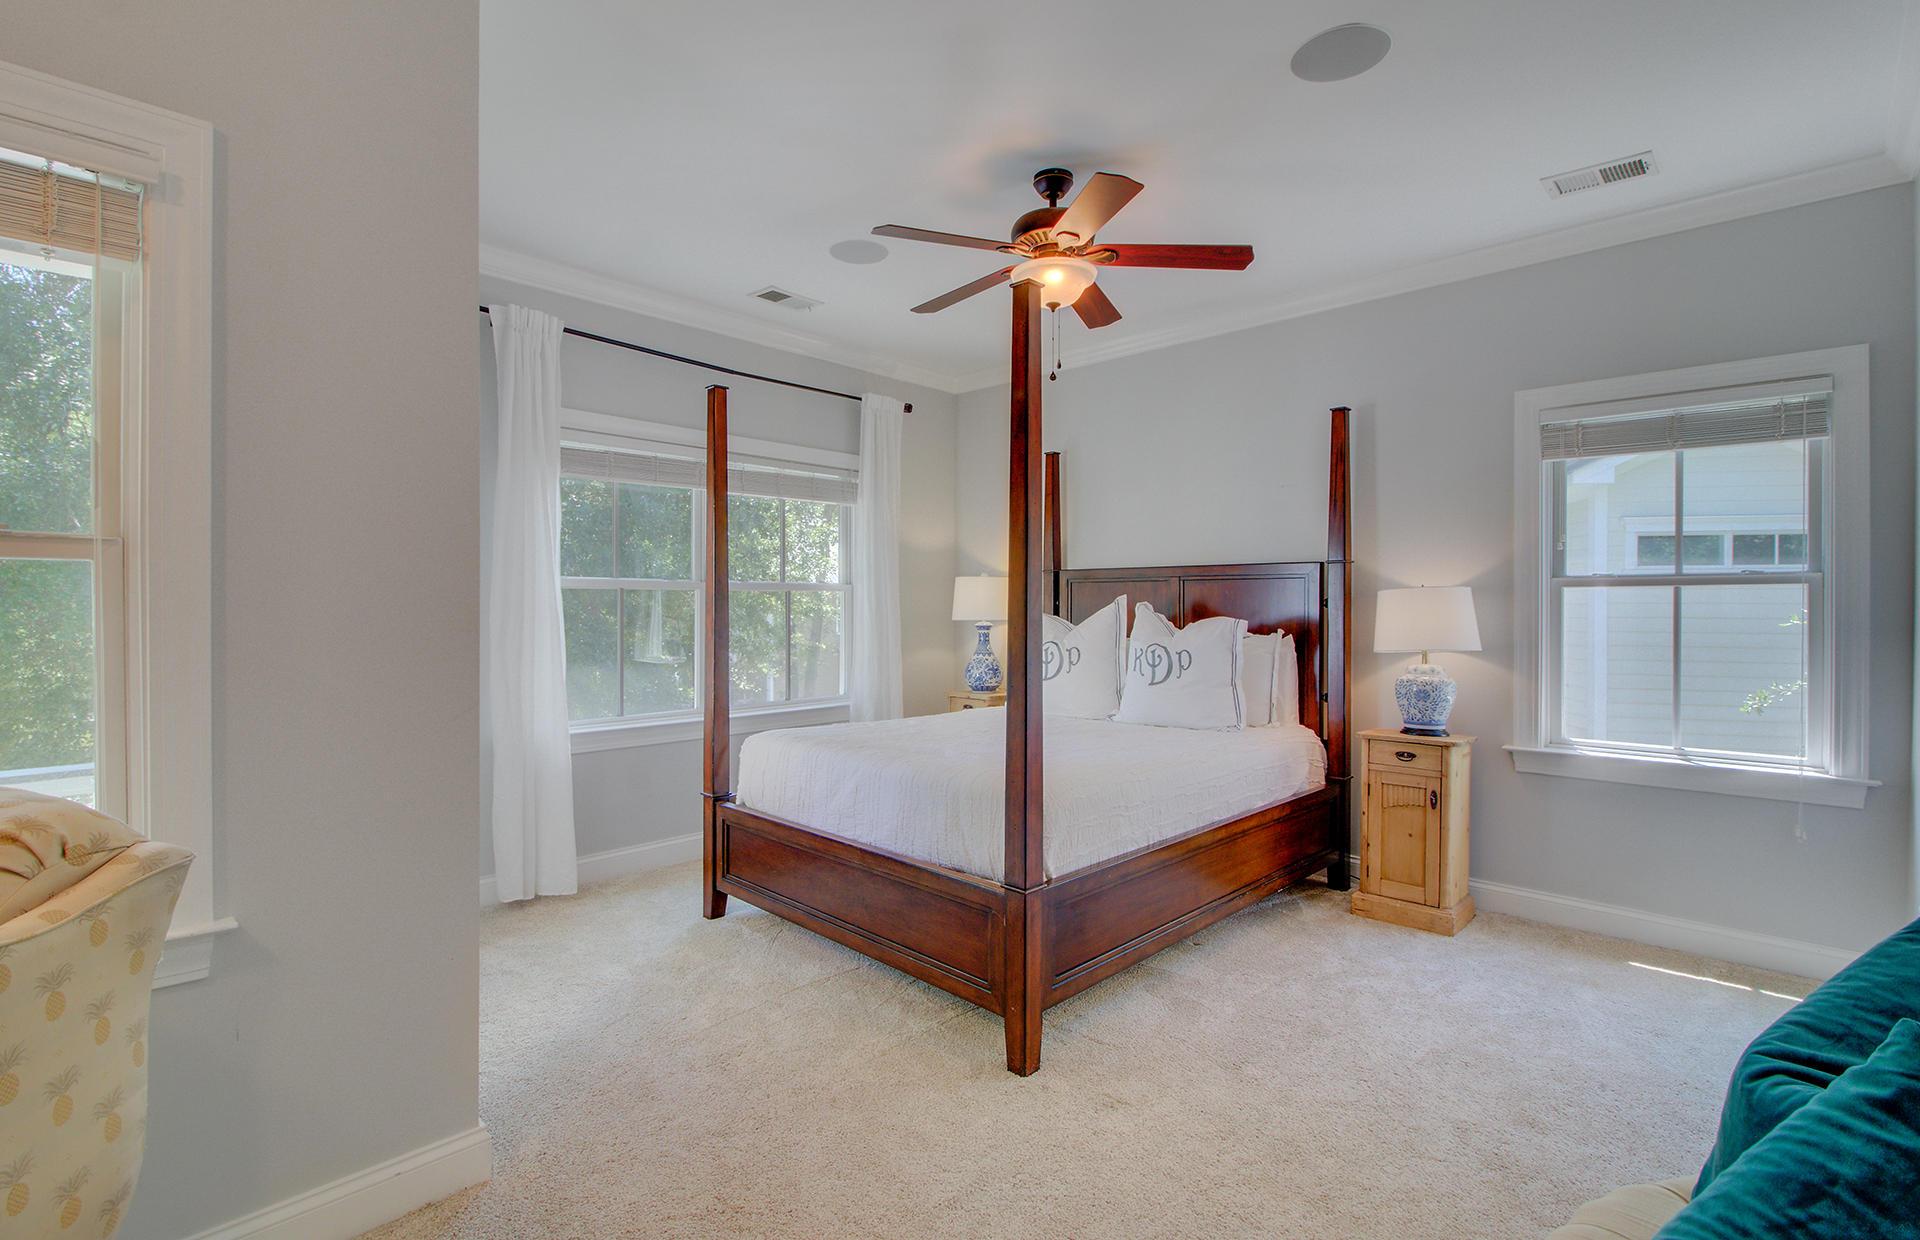 Phillips Park Homes For Sale - 1129 Phillips Park, Mount Pleasant, SC - 5